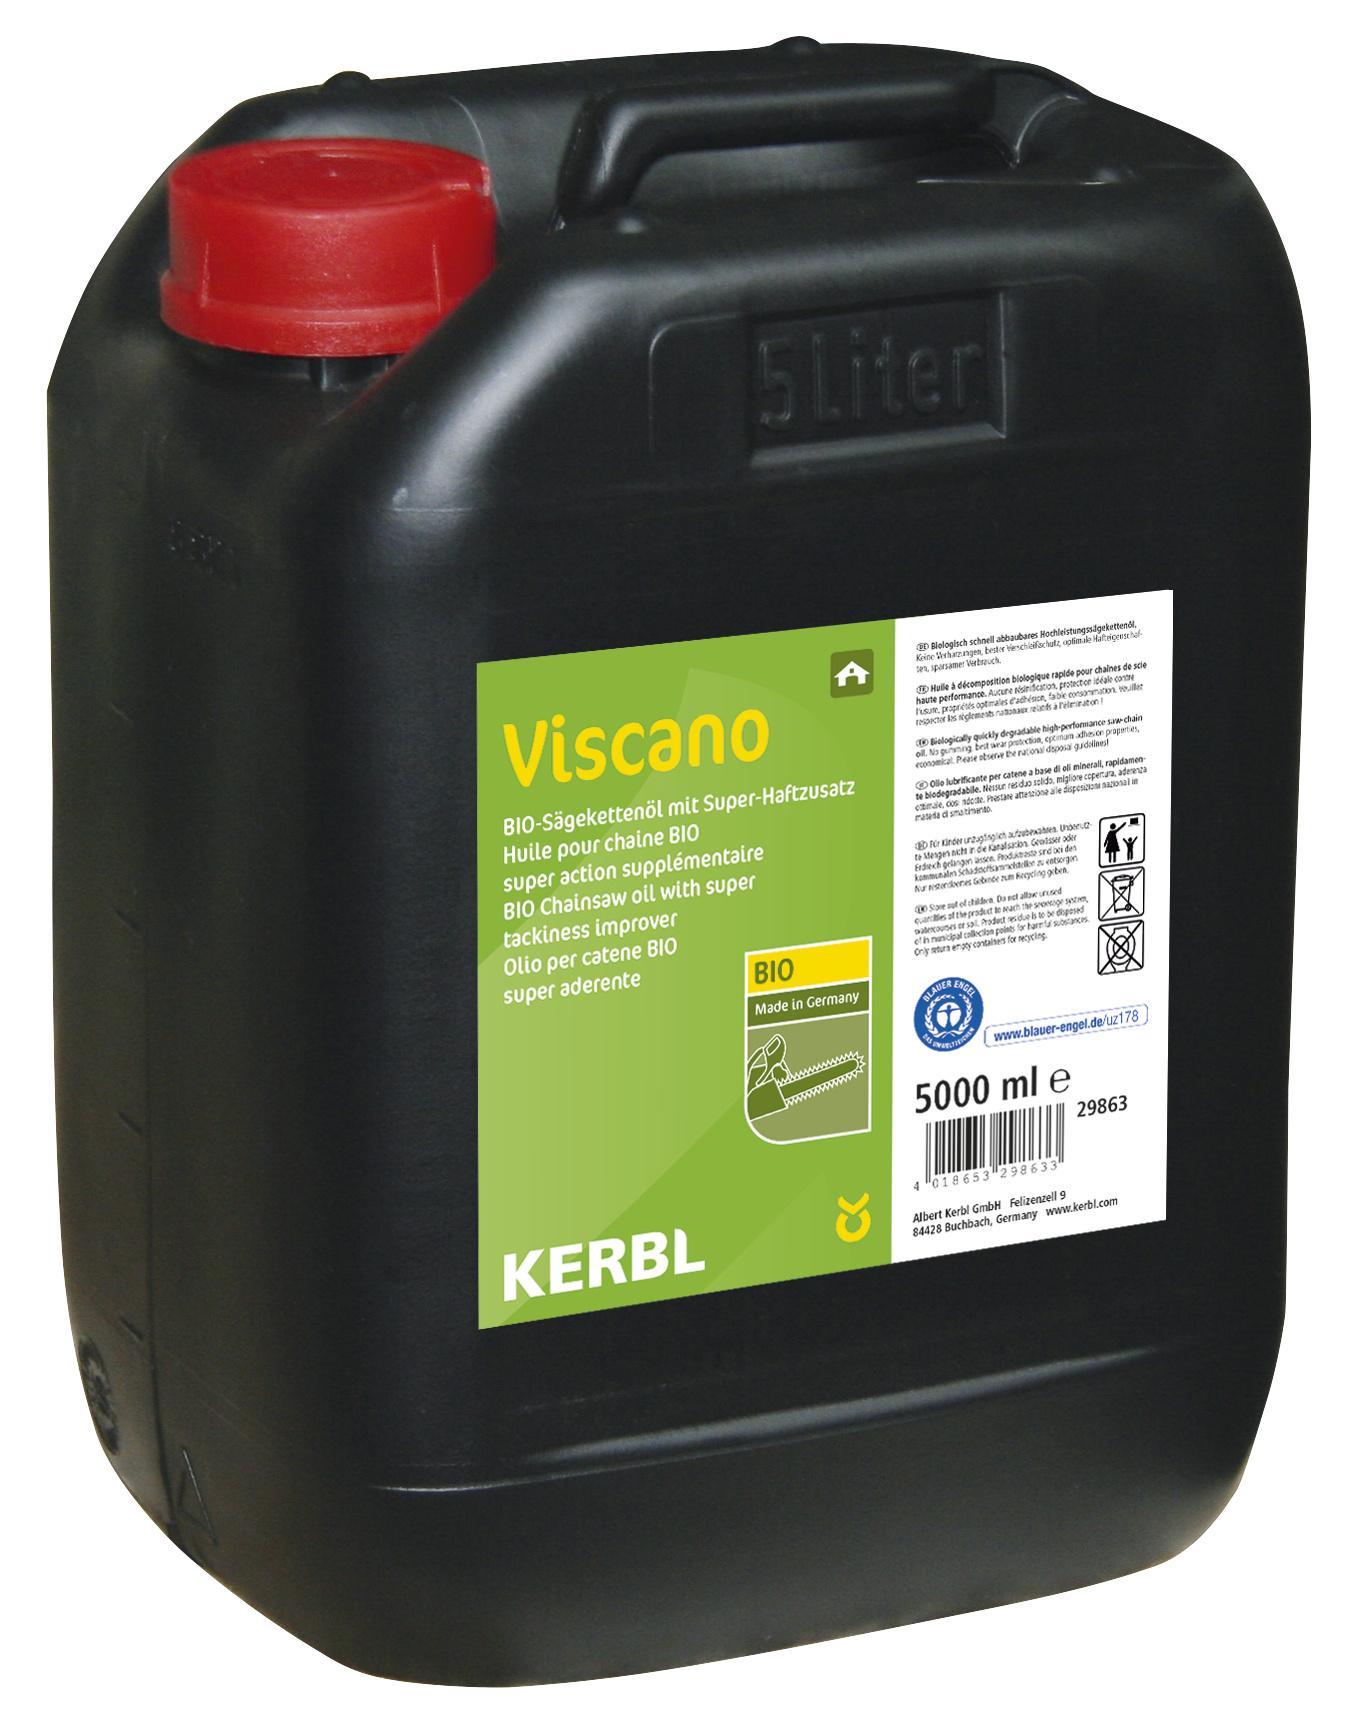 Viscano Bio-Sägenkettenöl 5l